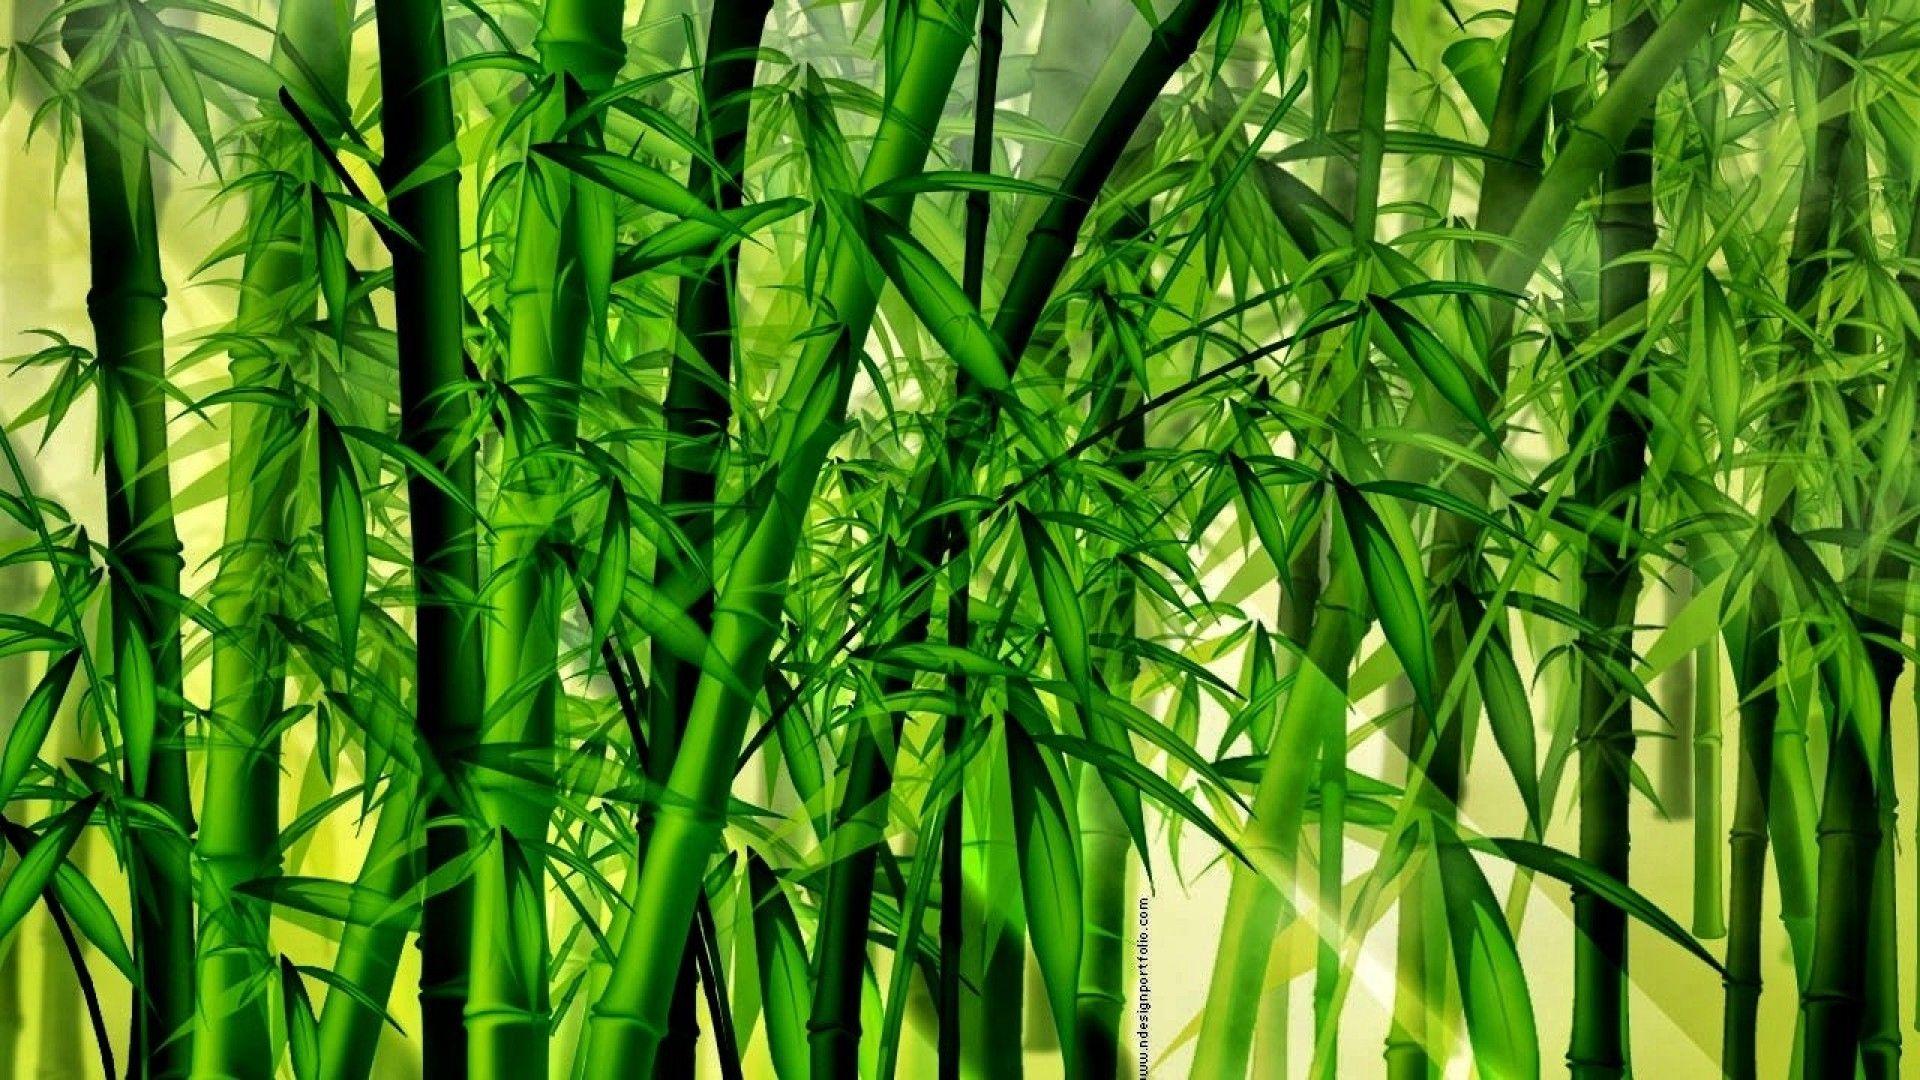 Bamboo Wallpaper - Buscar Con Google